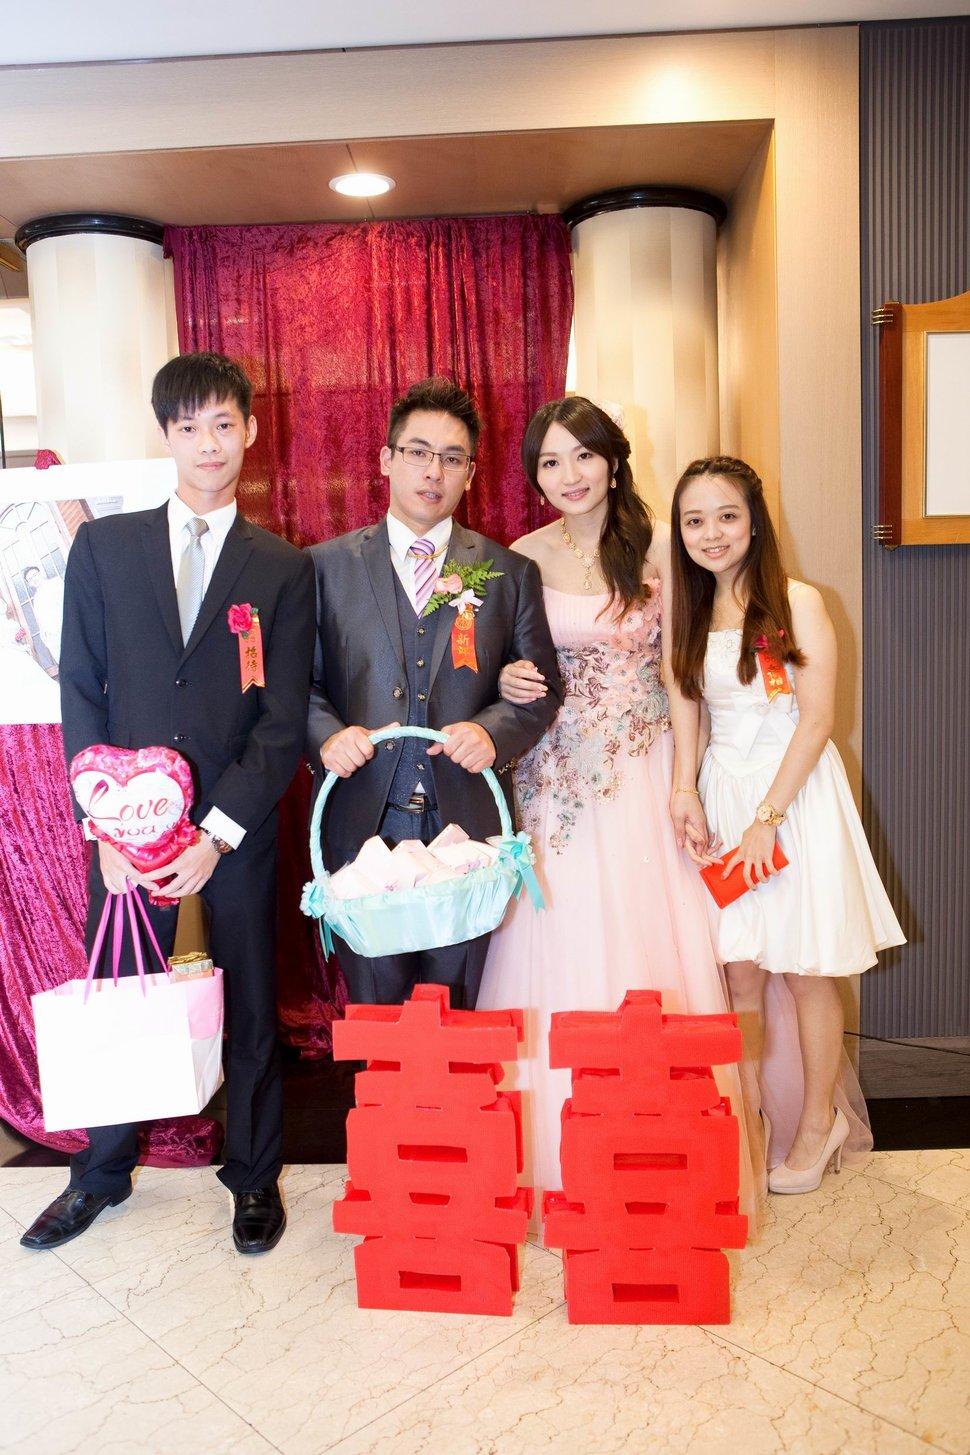 長榮桂冠酒店彭園會館婚禮記錄專業錄影平面攝影(編號:195198) - 蜜月拍照10800錄影12800攝影團隊 - 結婚吧